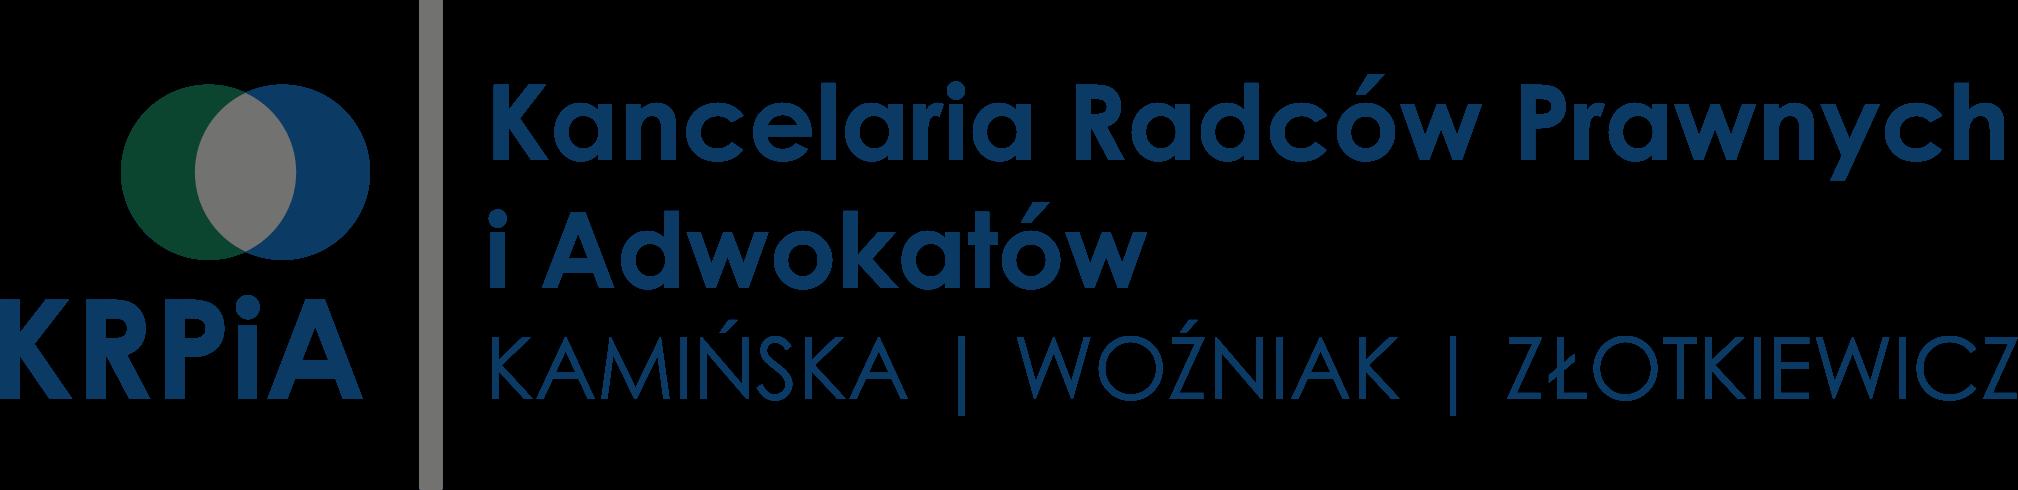 Kancelaria Radców Prawnych i Adwokatów Kamińska, Woźniak, Złotkiewicz Sp.j.